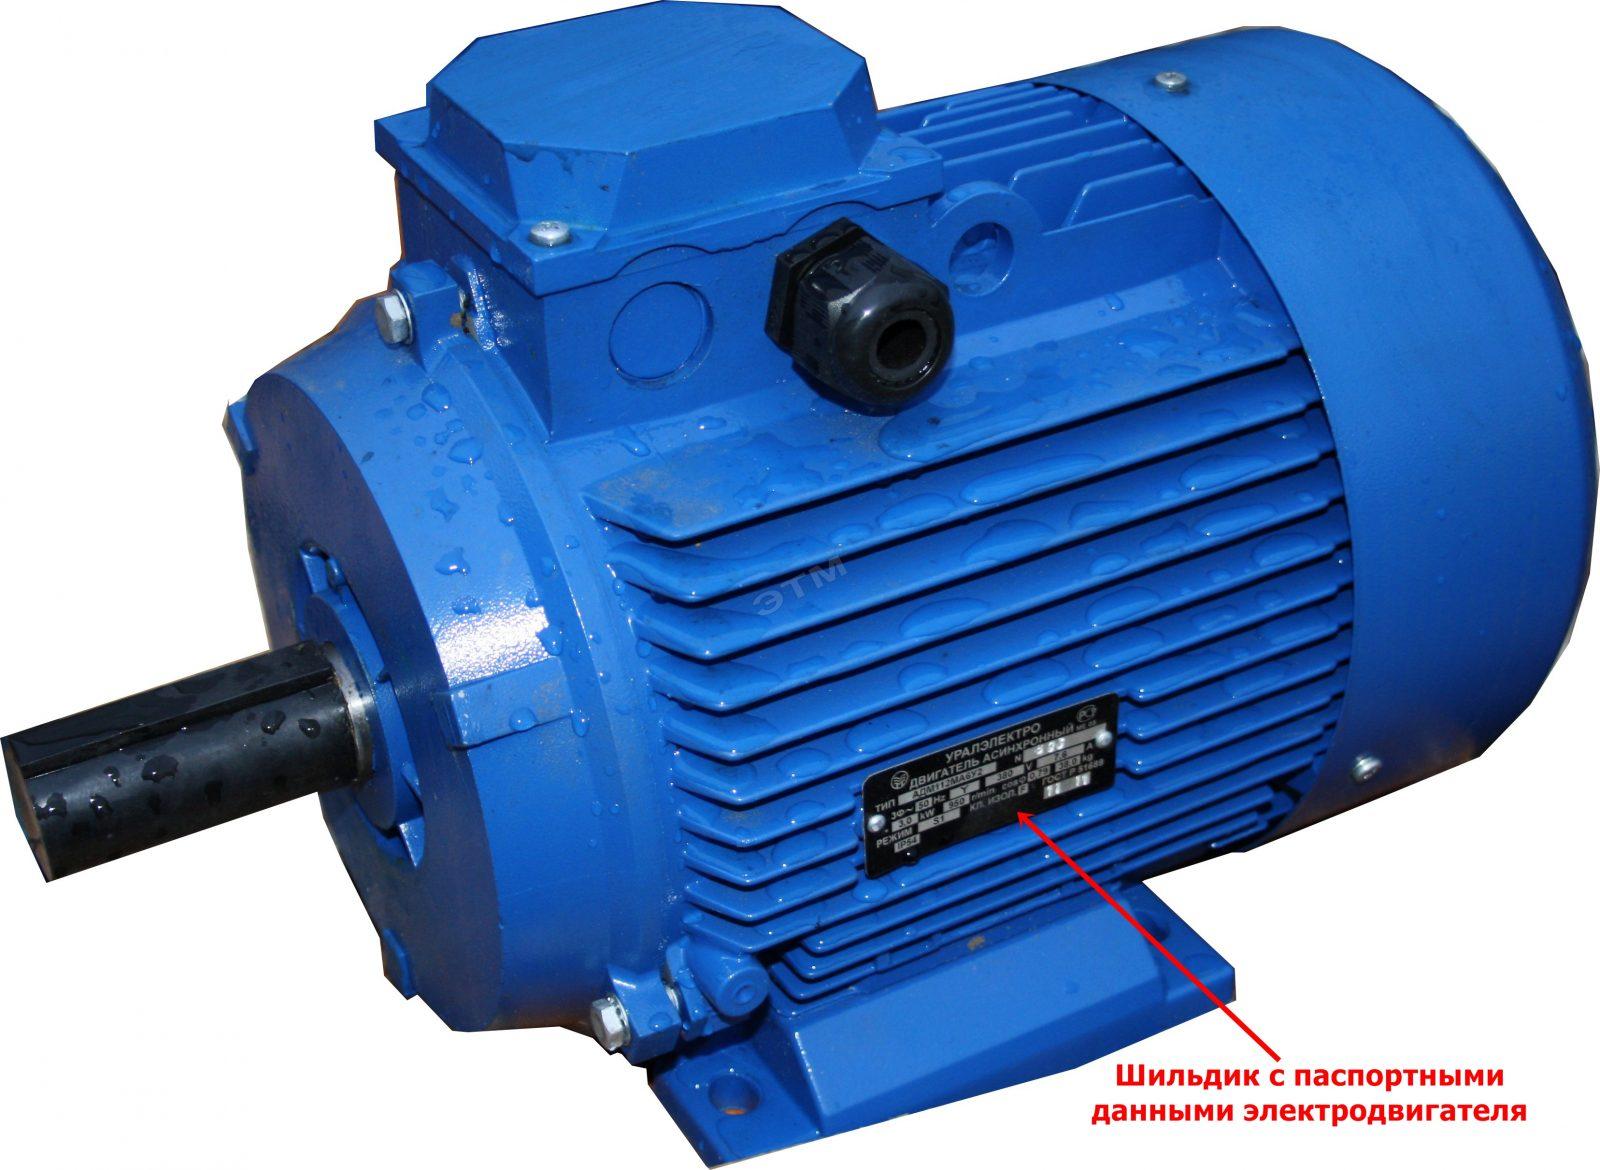 Электродвигатель асинхронный трехфазный параметры